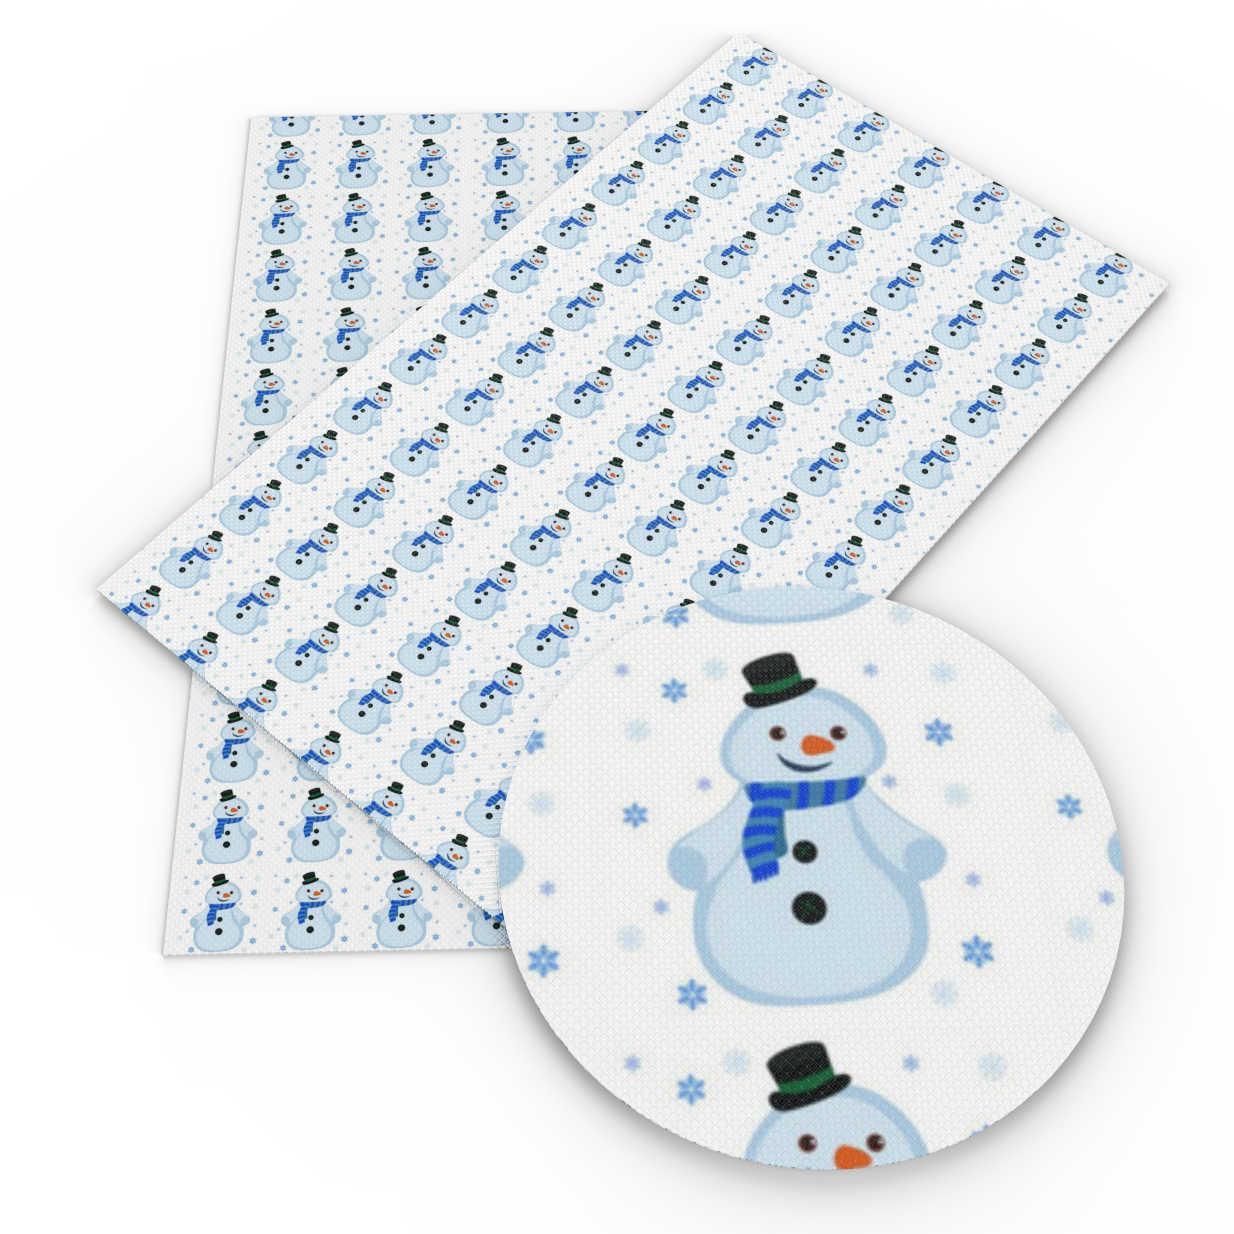 デビッドアンジー 20*34 センチメートルクリスマス雪の男プリント生地合成皮革スパンコールパッチワークバッグ DIY ハンドメイド電話ケース、 1Yc7283